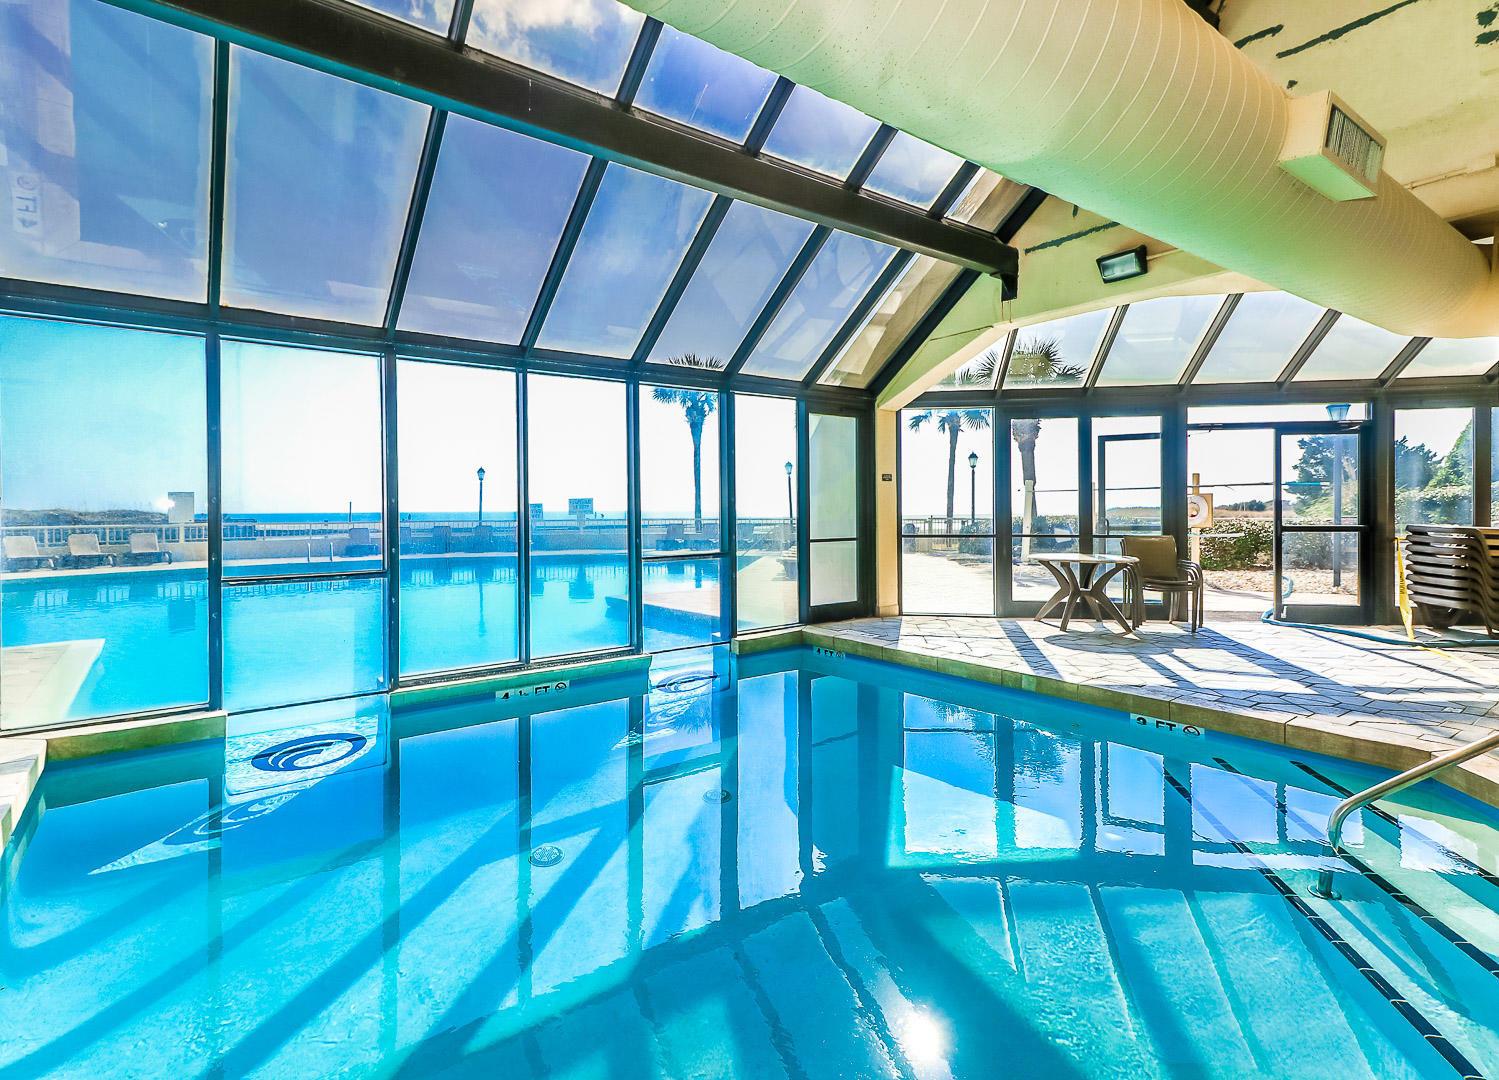 Ocean Creek - South Tower Indoor Pool